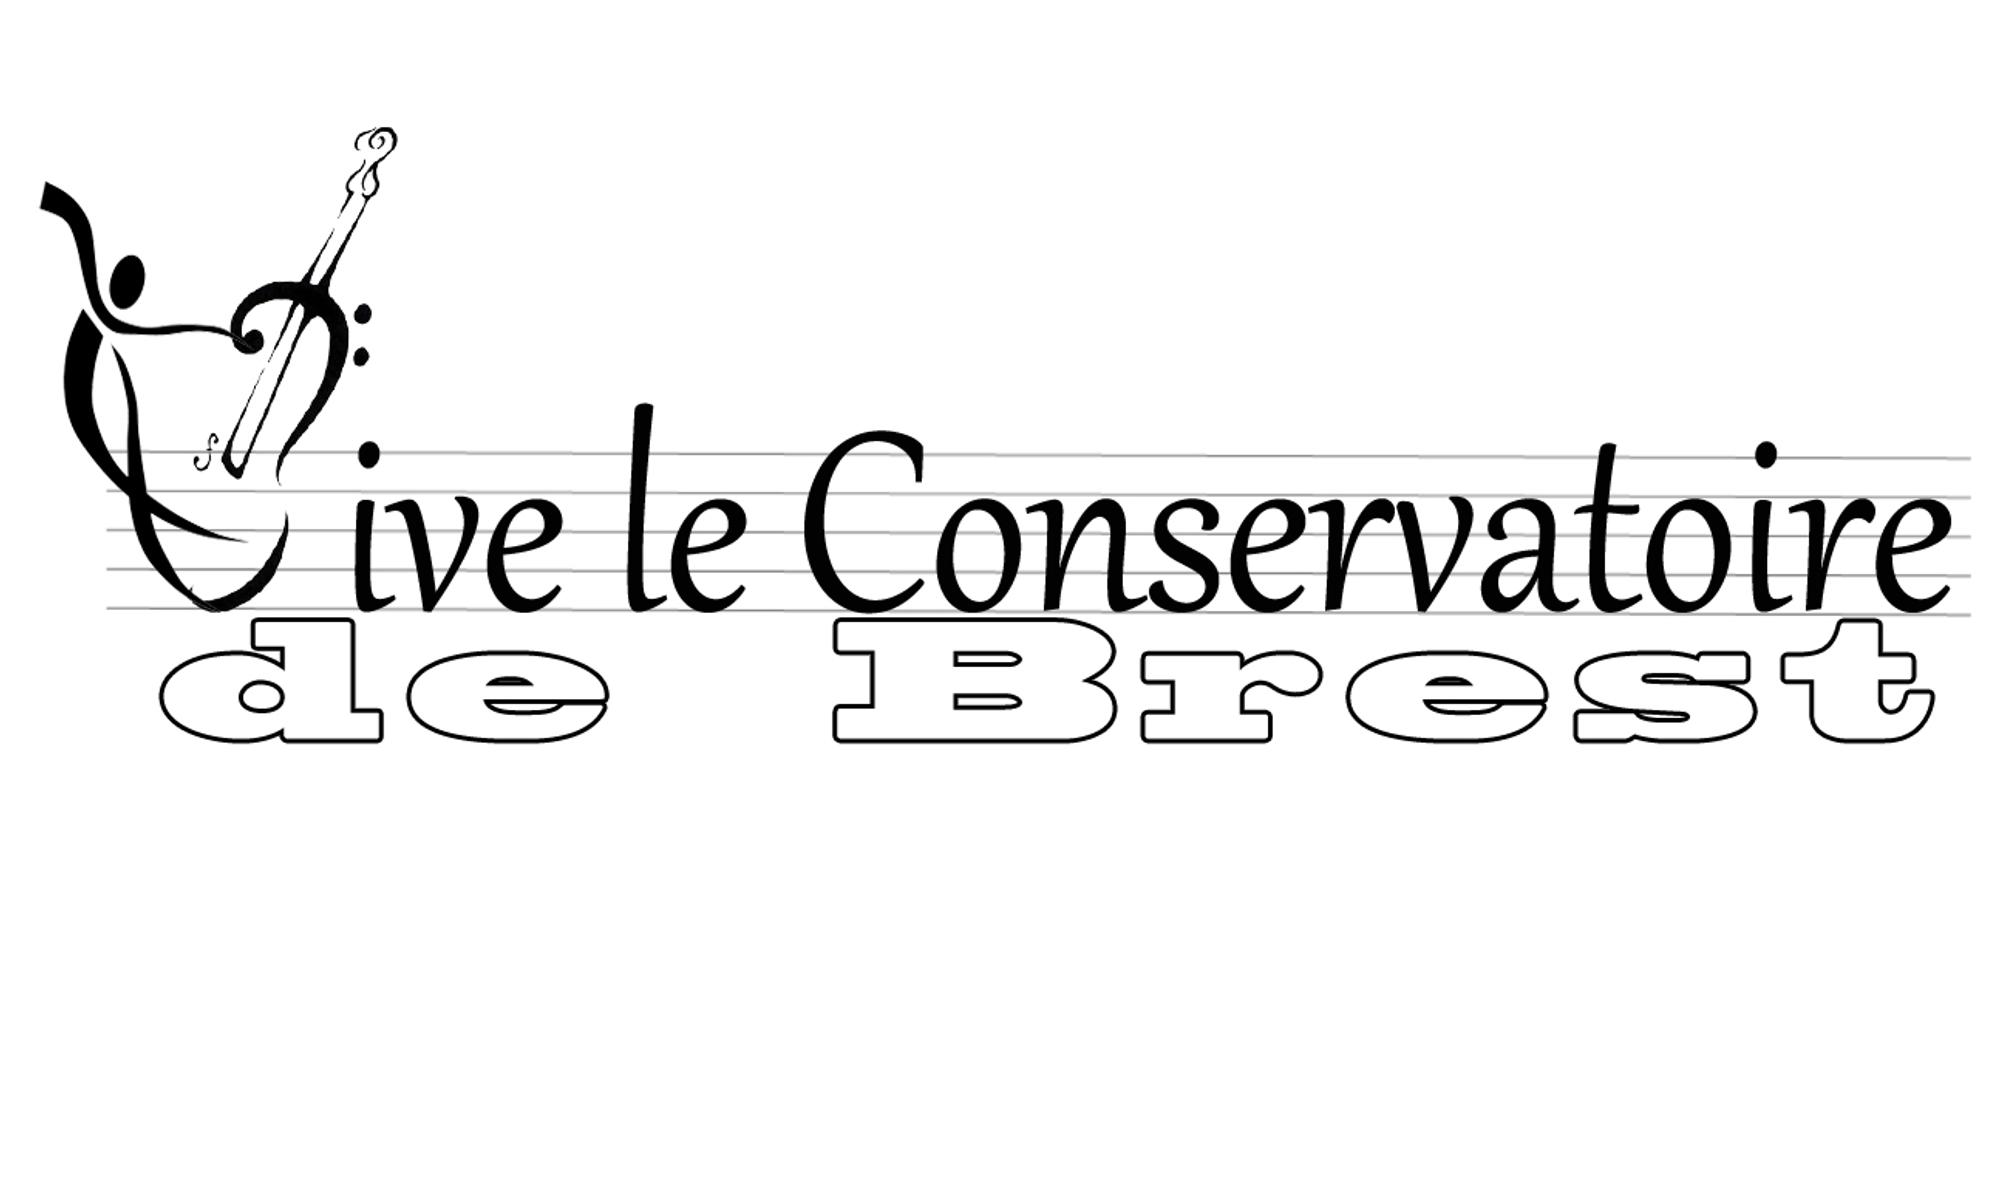 Vive le conservatoire de Brest !